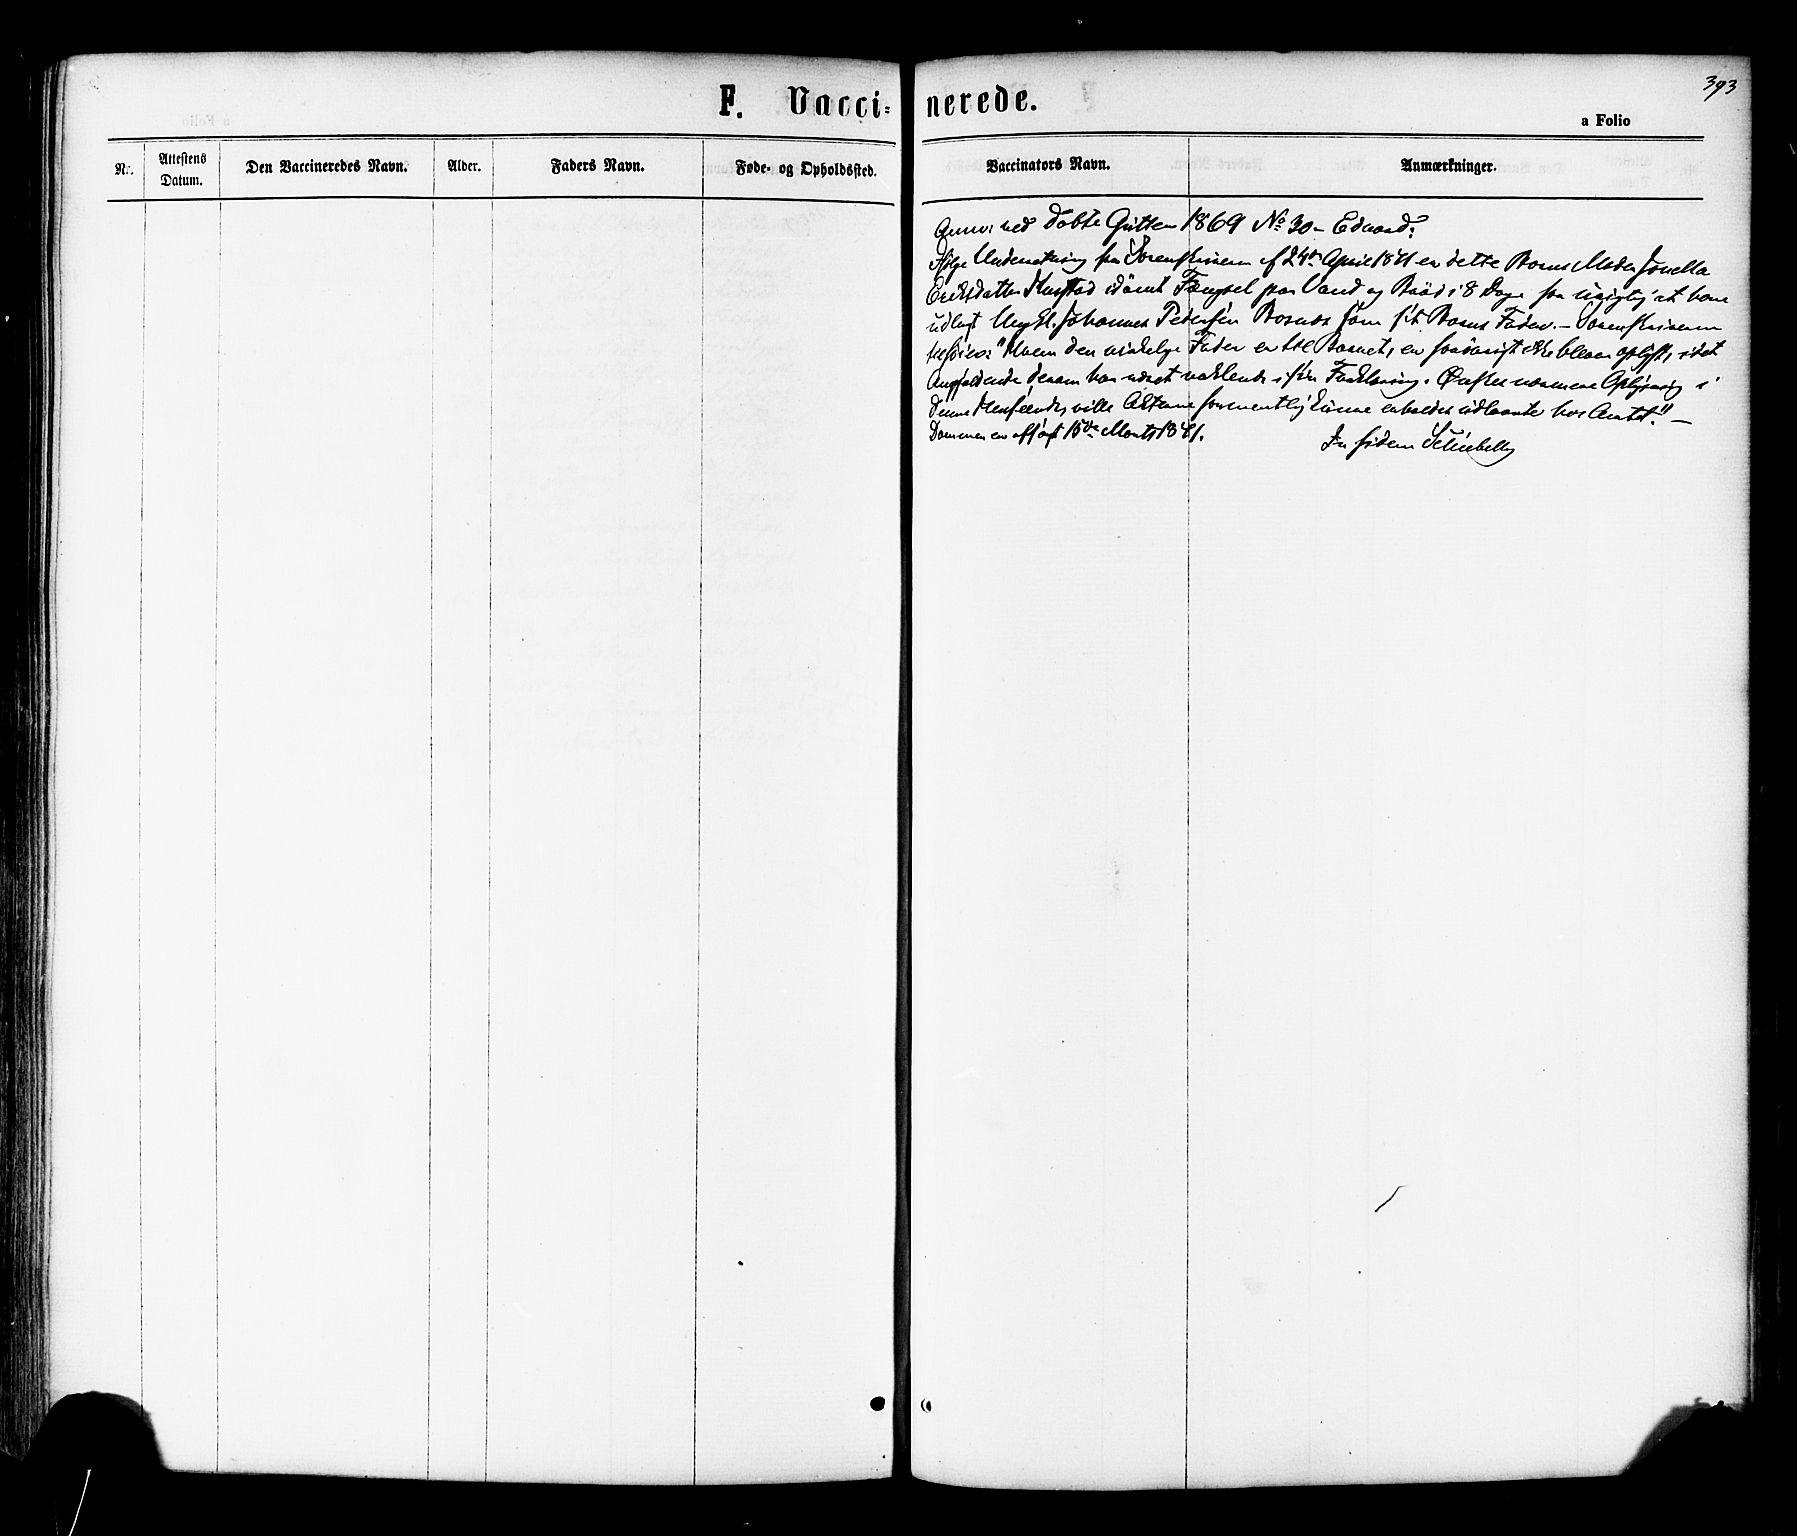 SAT, Ministerialprotokoller, klokkerbøker og fødselsregistre - Nord-Trøndelag, 730/L0284: Parish register (official) no. 730A09, 1866-1878, p. 393